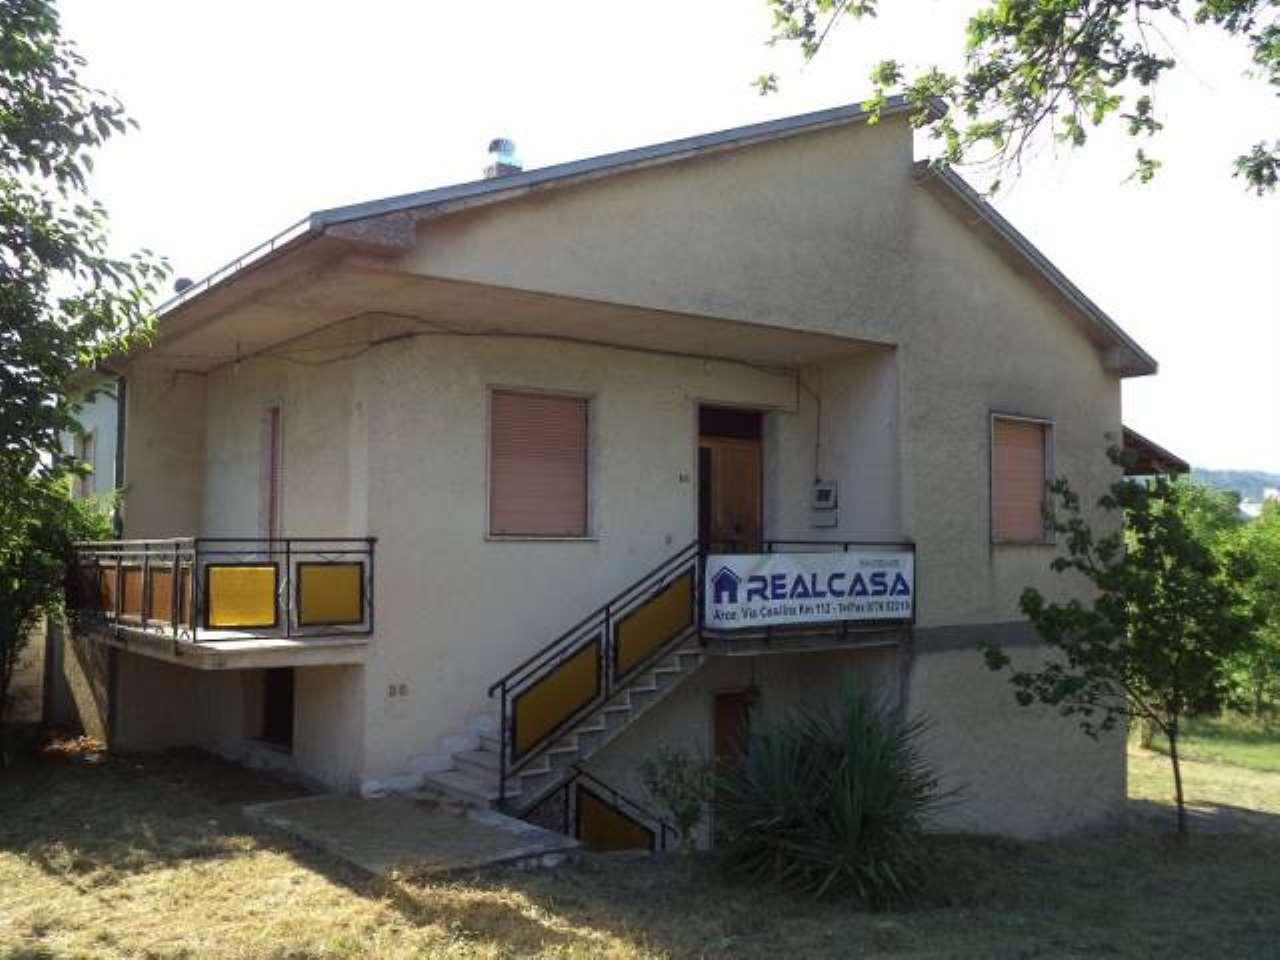 Villa in vendita a Arce, 5 locali, prezzo € 109.000 | CambioCasa.it